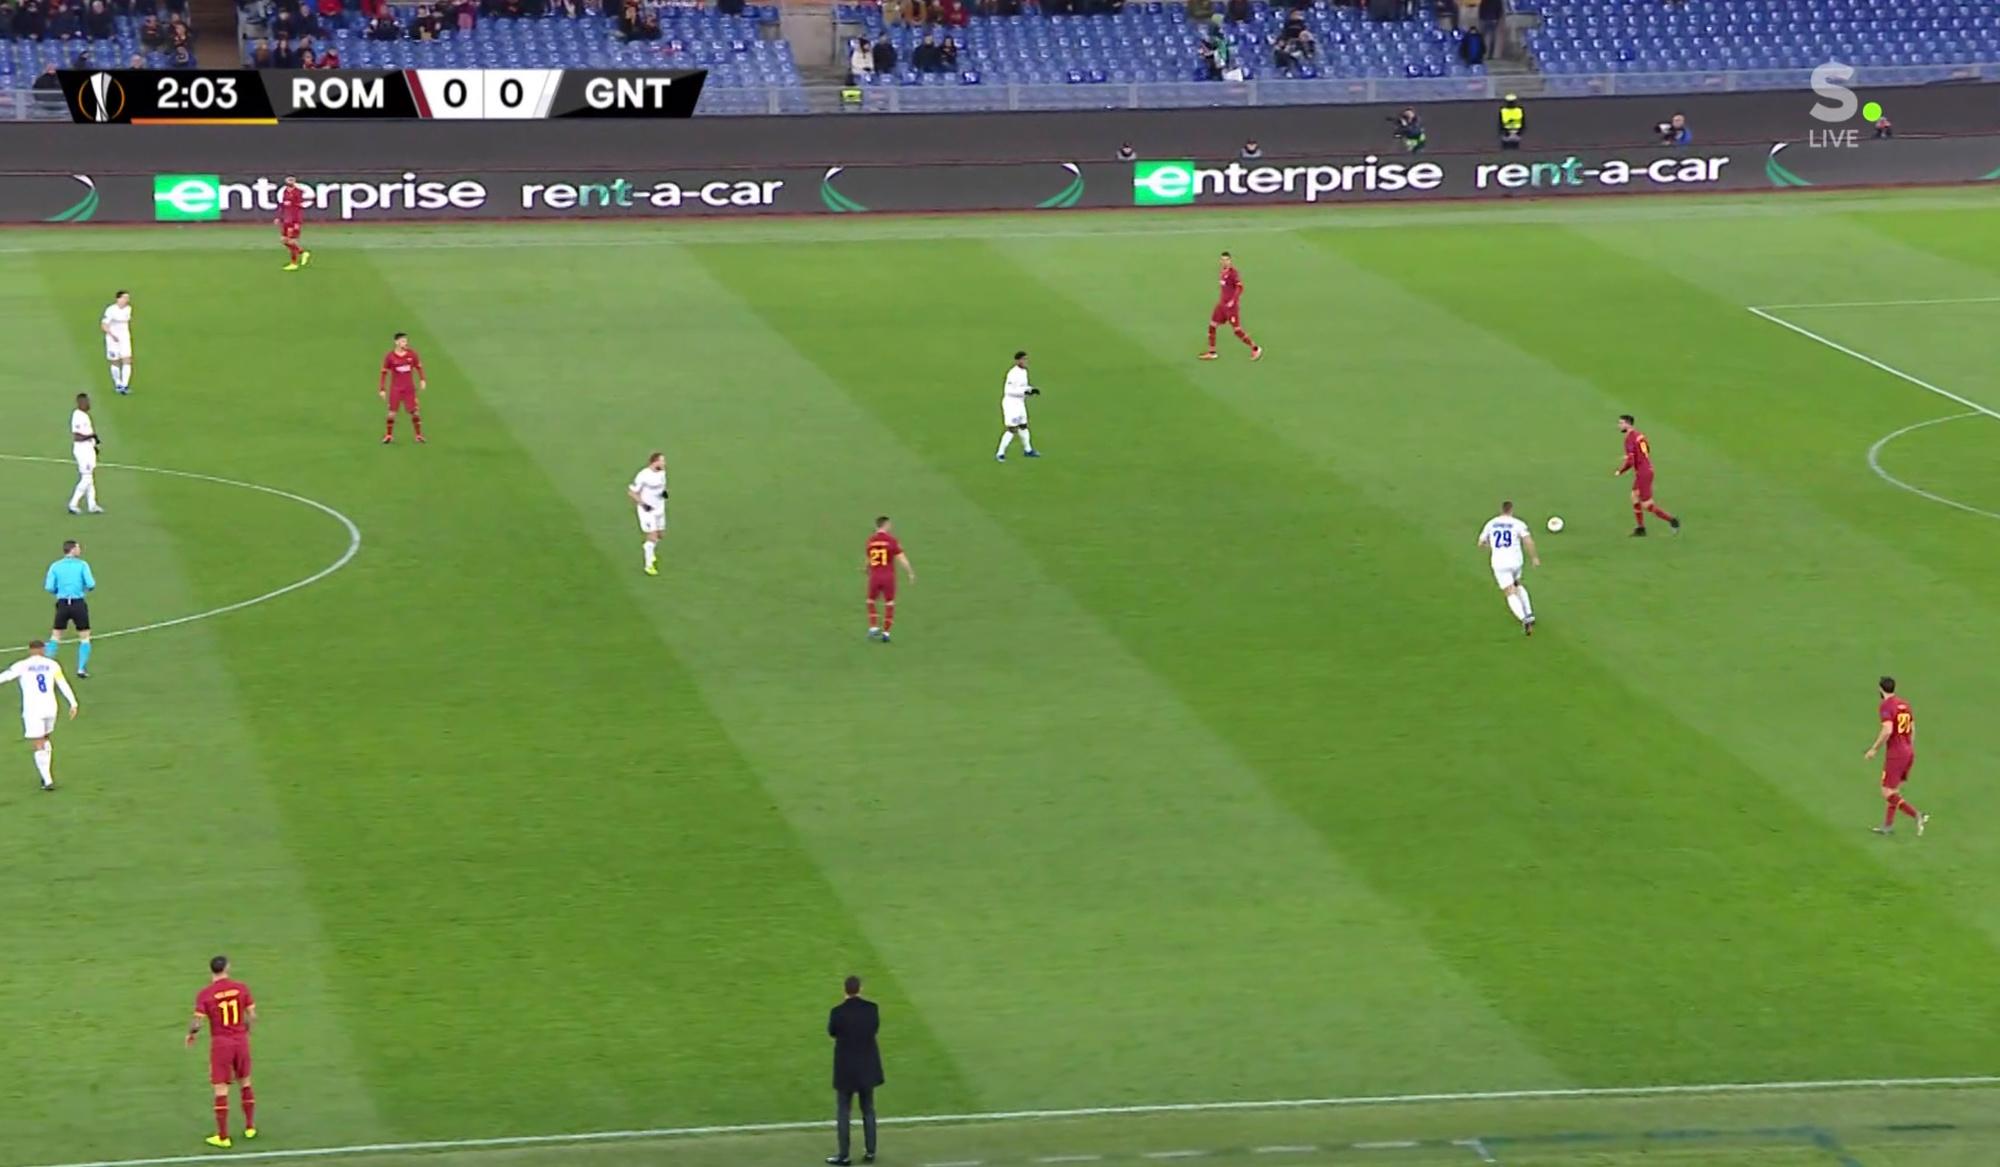 De 3-4-3 in de opbouw bij AS Roma tegenover de ruit en de spitsen ervoor van AA Gent., Sporza